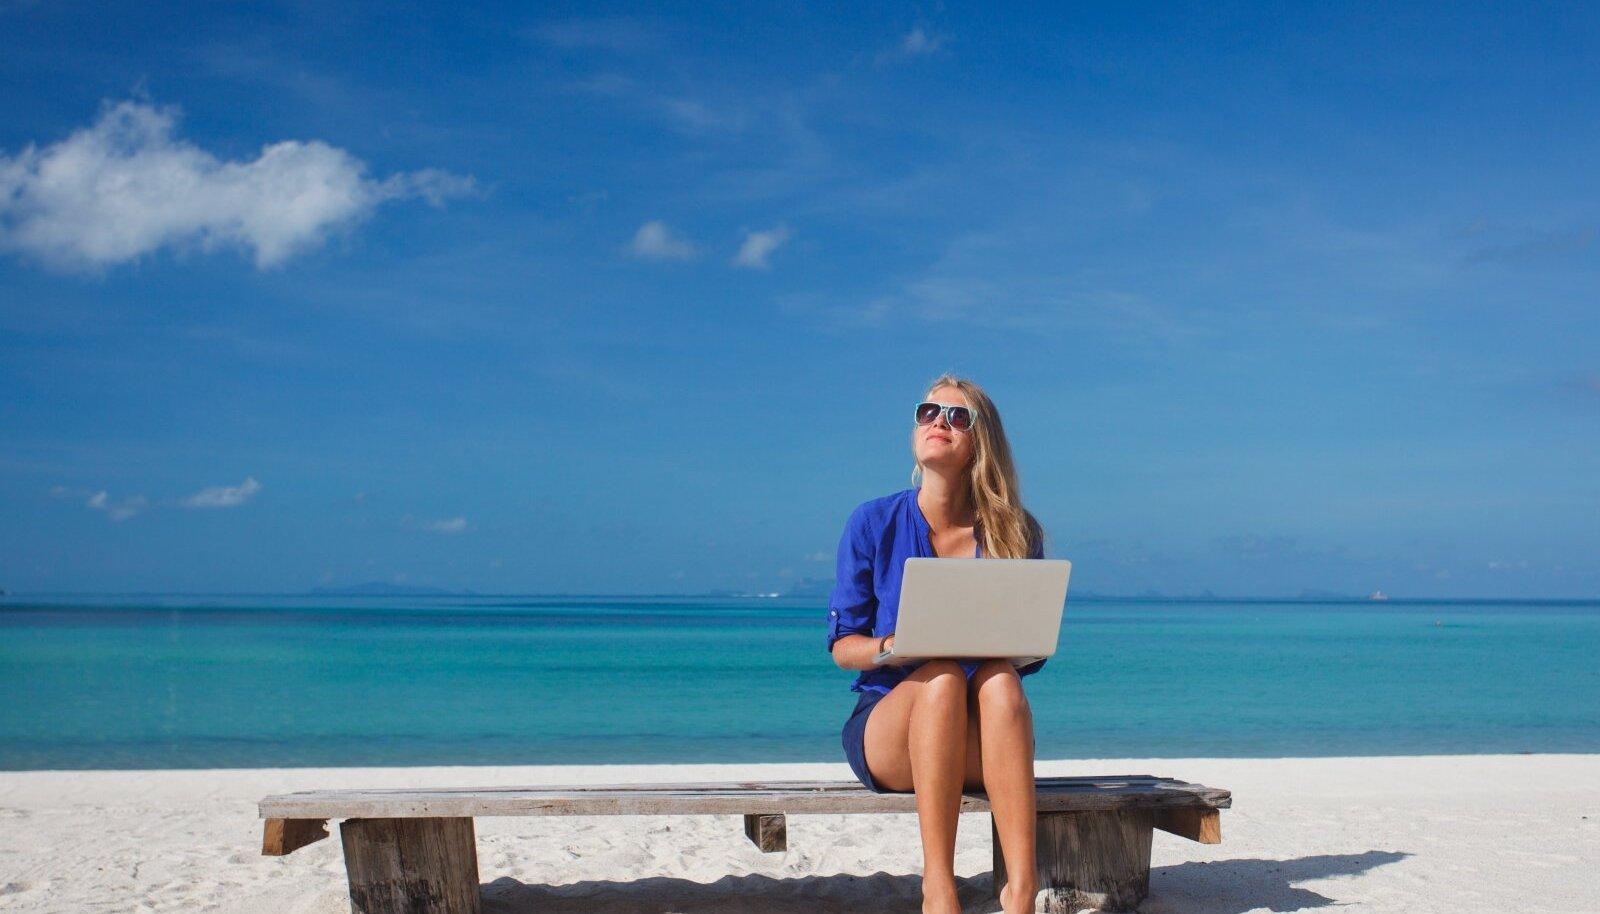 Arvuti puhkuse ajal randa võtmine pole üldse hea mõte. Aga kui seda ikkagi teha, tuleks töötegemise ajale seada selge limiit.